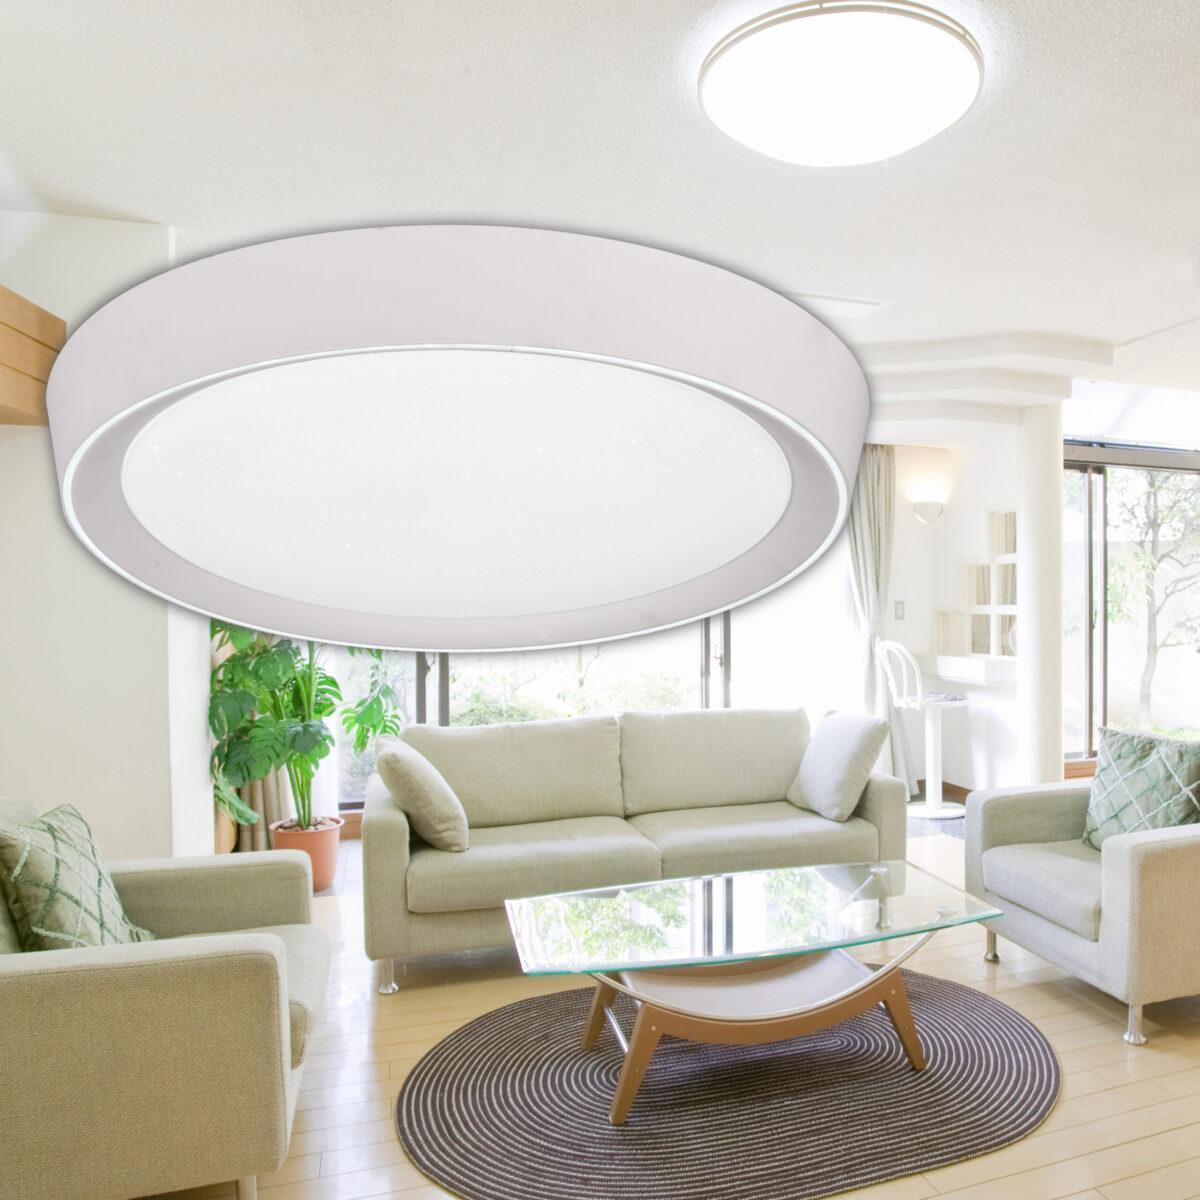 โคมไฟติดเพดาน LED รุ่น Neptune-05